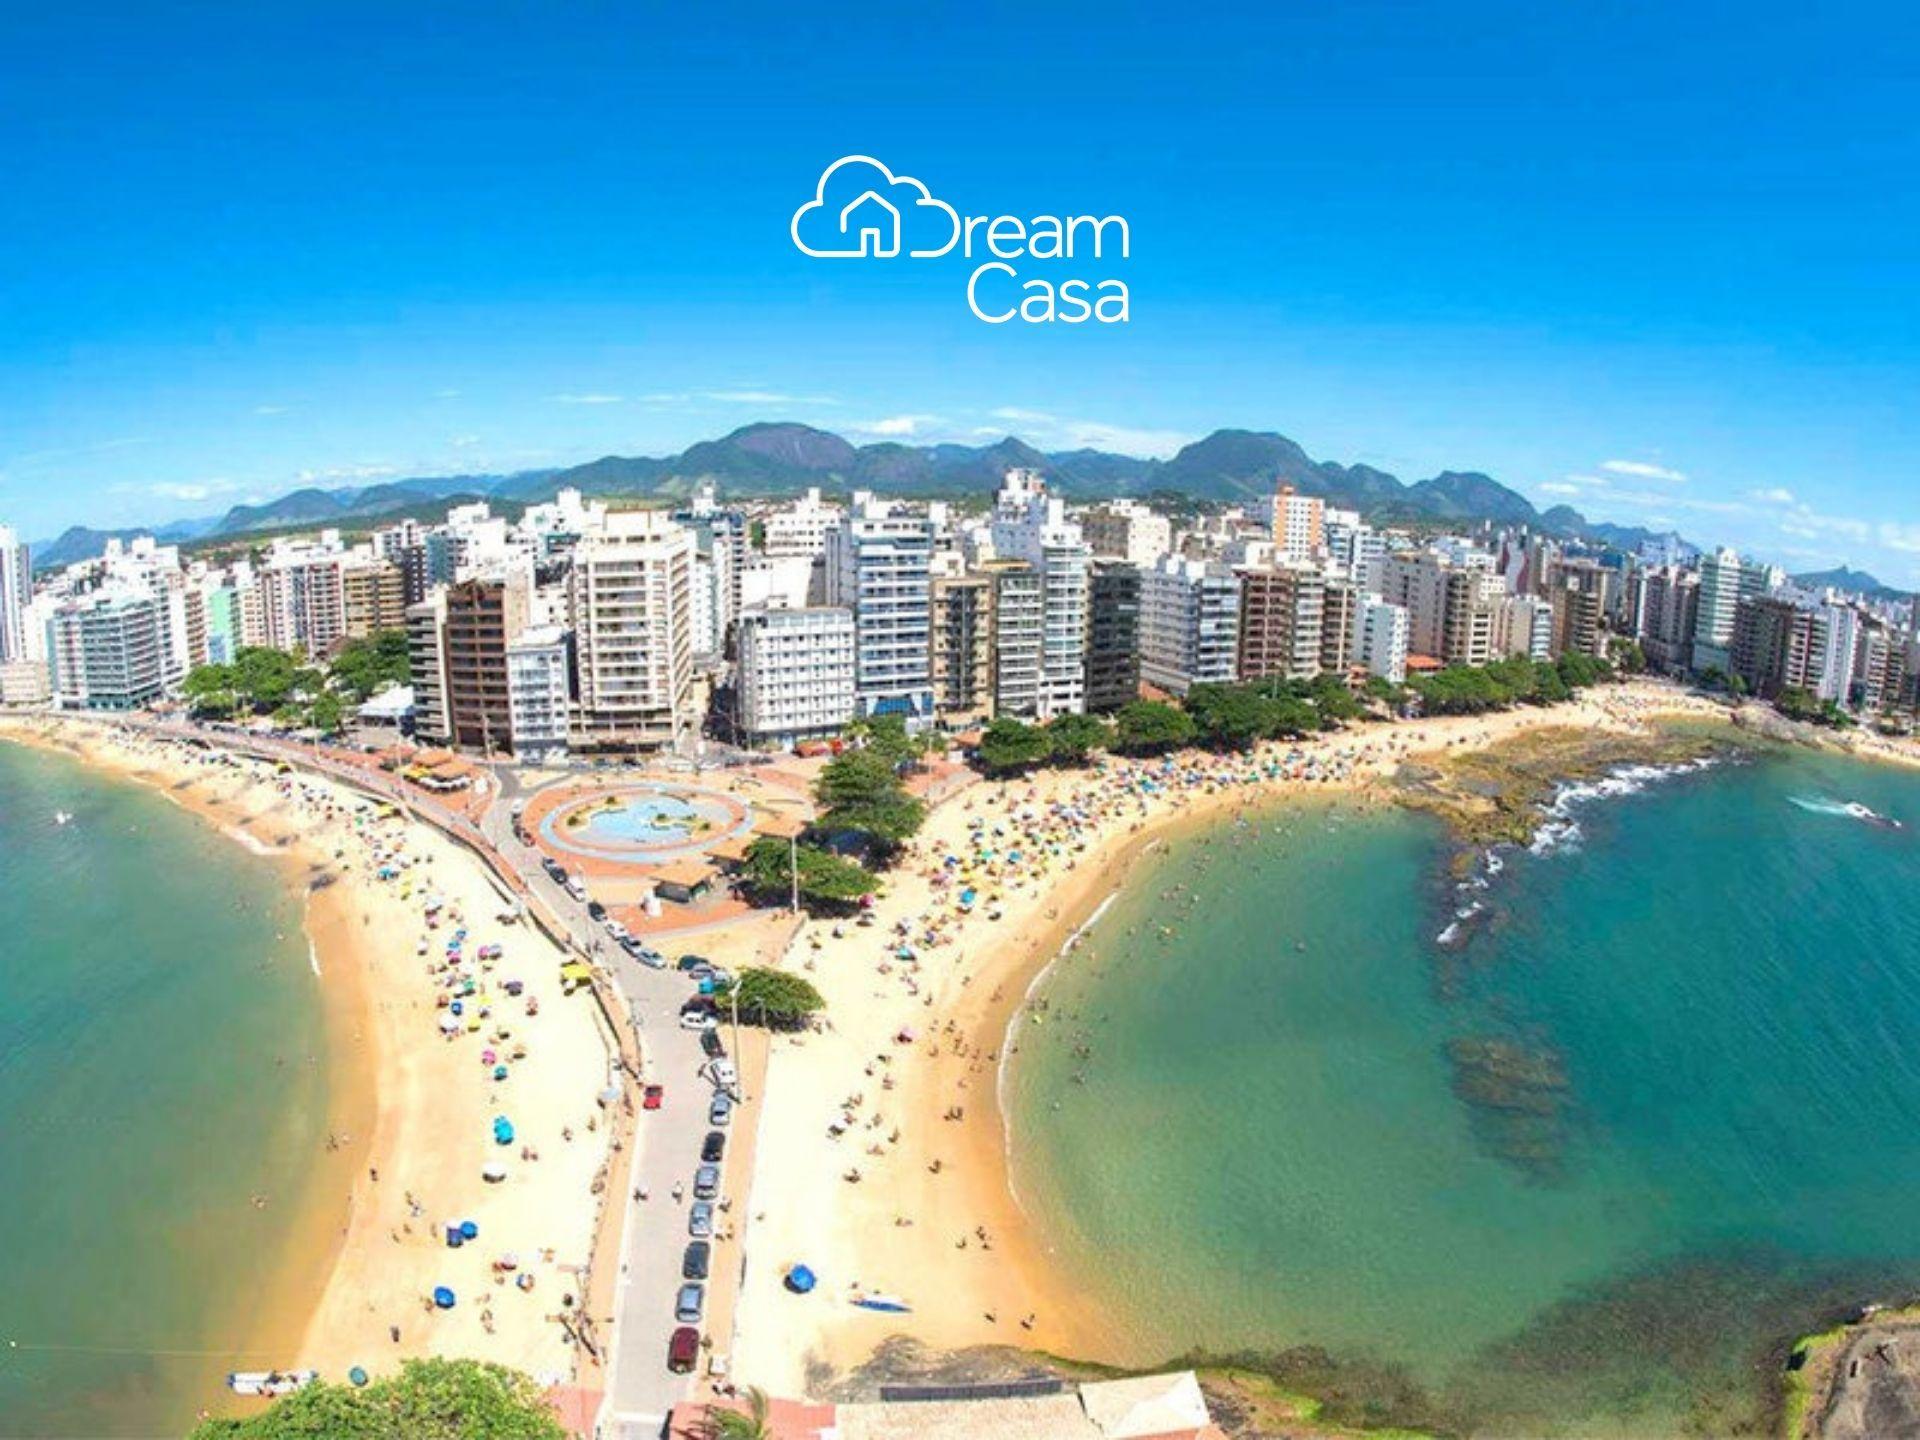 Melhores praias de Guarapari - Dreamcasa